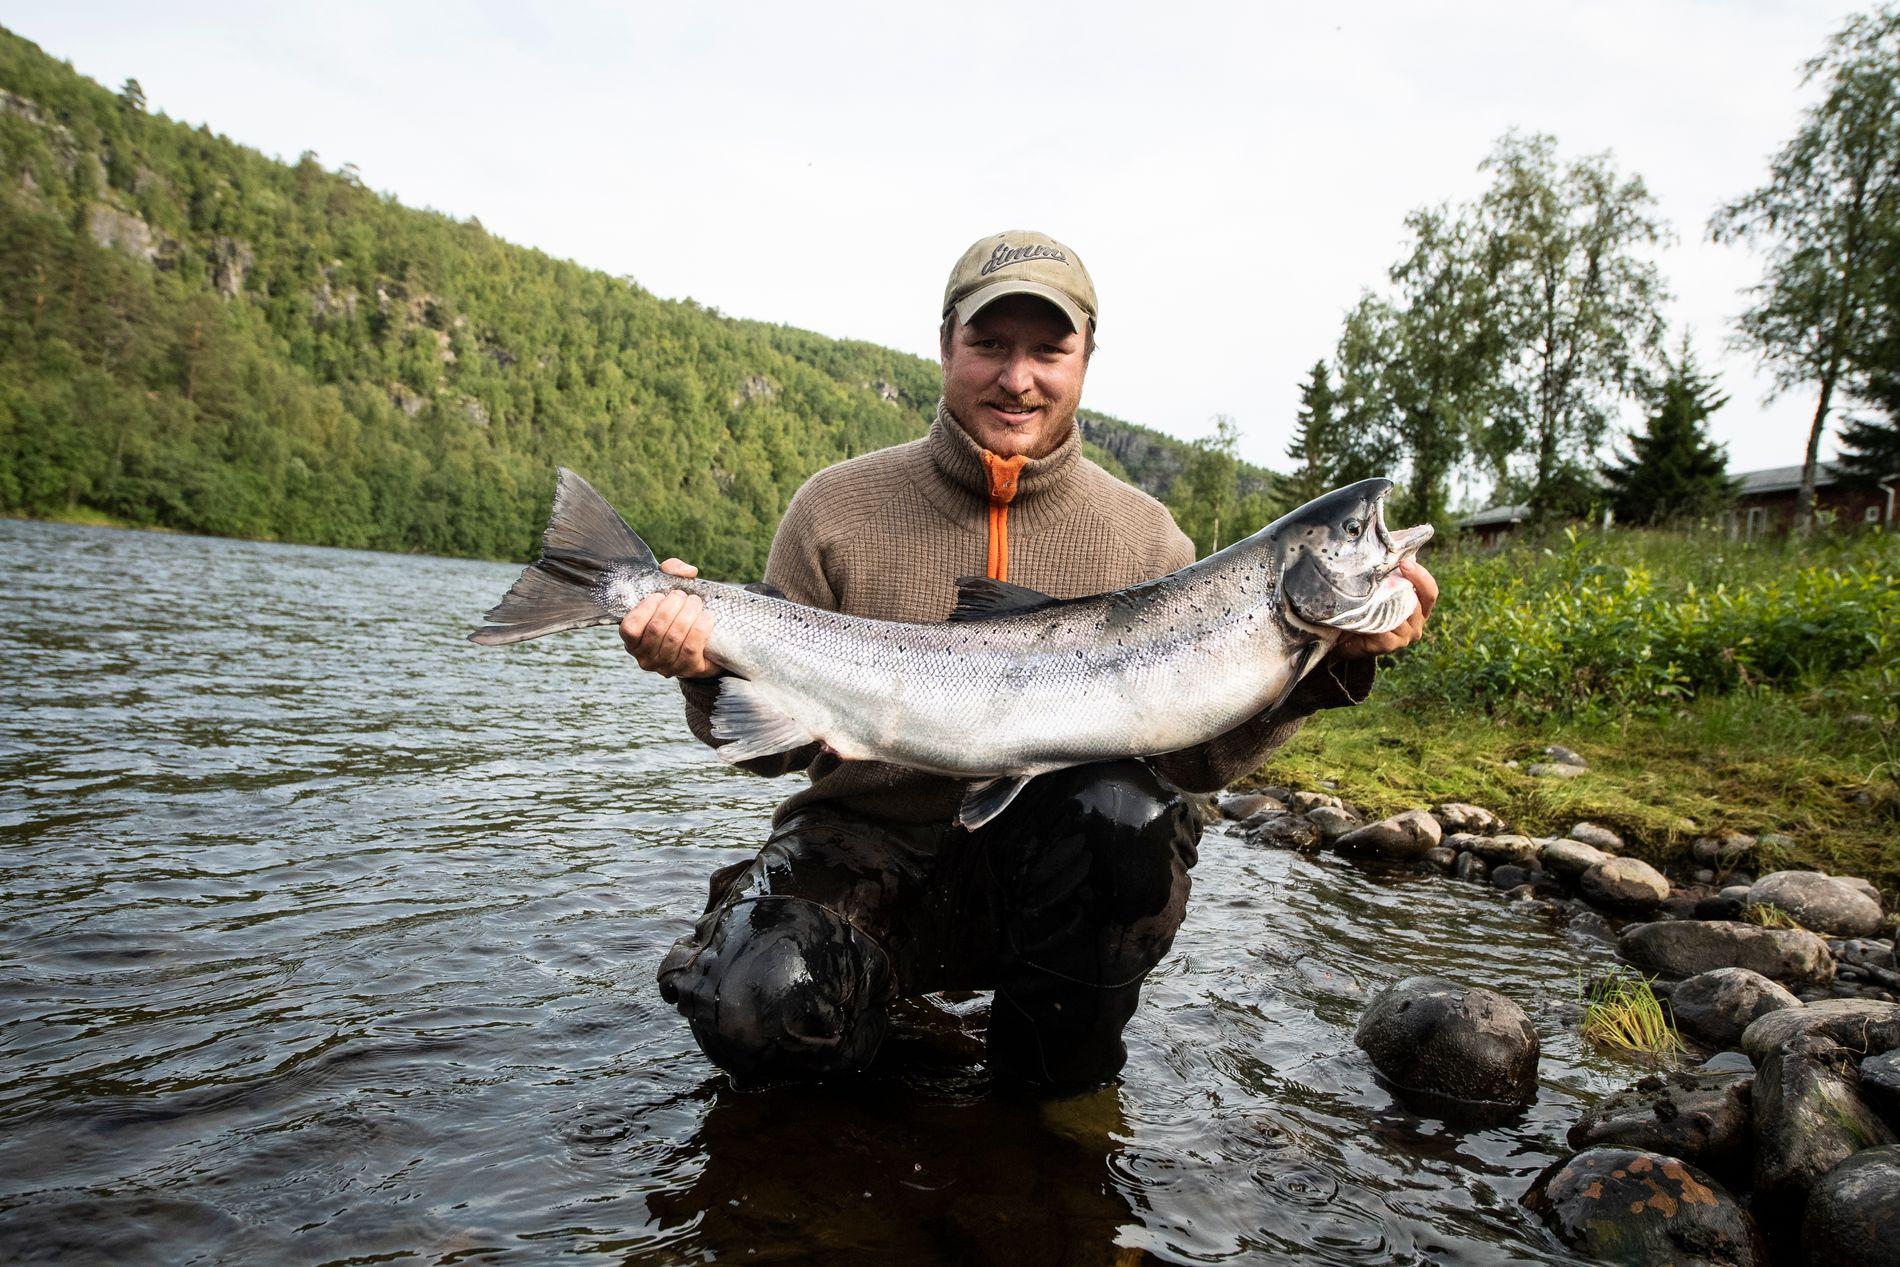 Ole Bull Romsdal med en «mellomstor» alta-laks på 10 kilo. – Det svømmer mange som er mye større her ute, sier han.